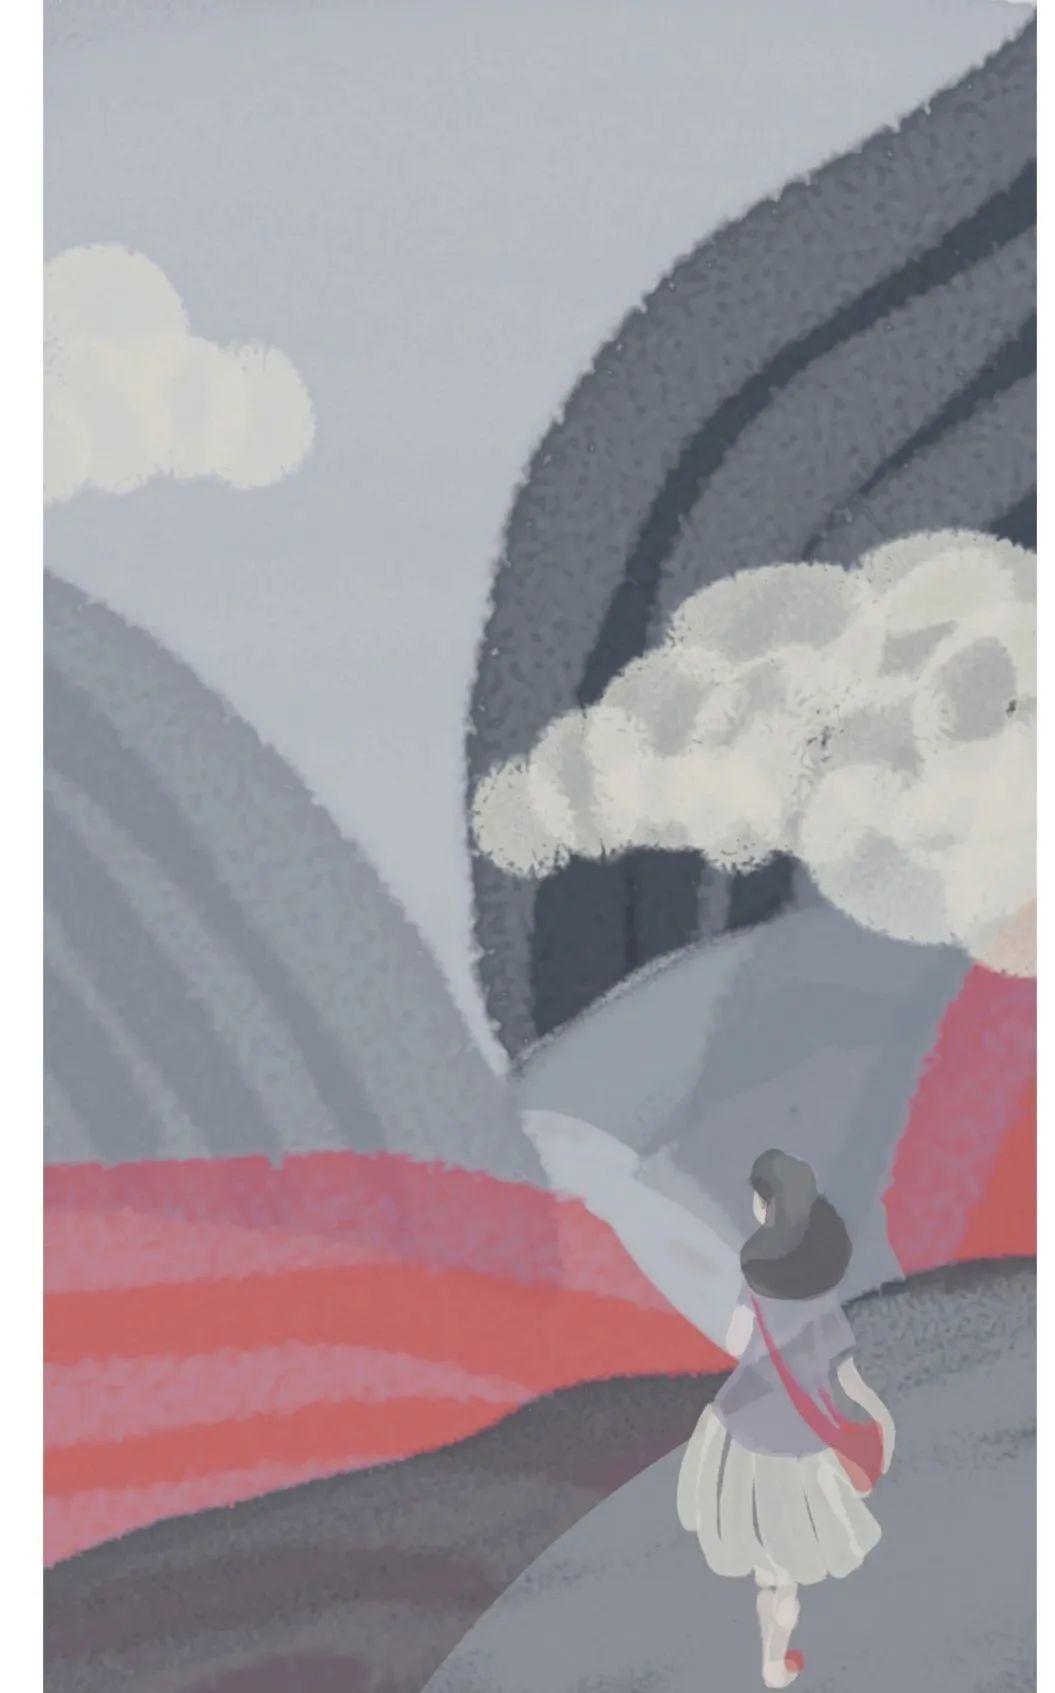 深国交G2学生刘清扬《野望》系列文刊之《寻找答案》  深国交 深圳国际交流学院 学在国交 Winnie 第3张